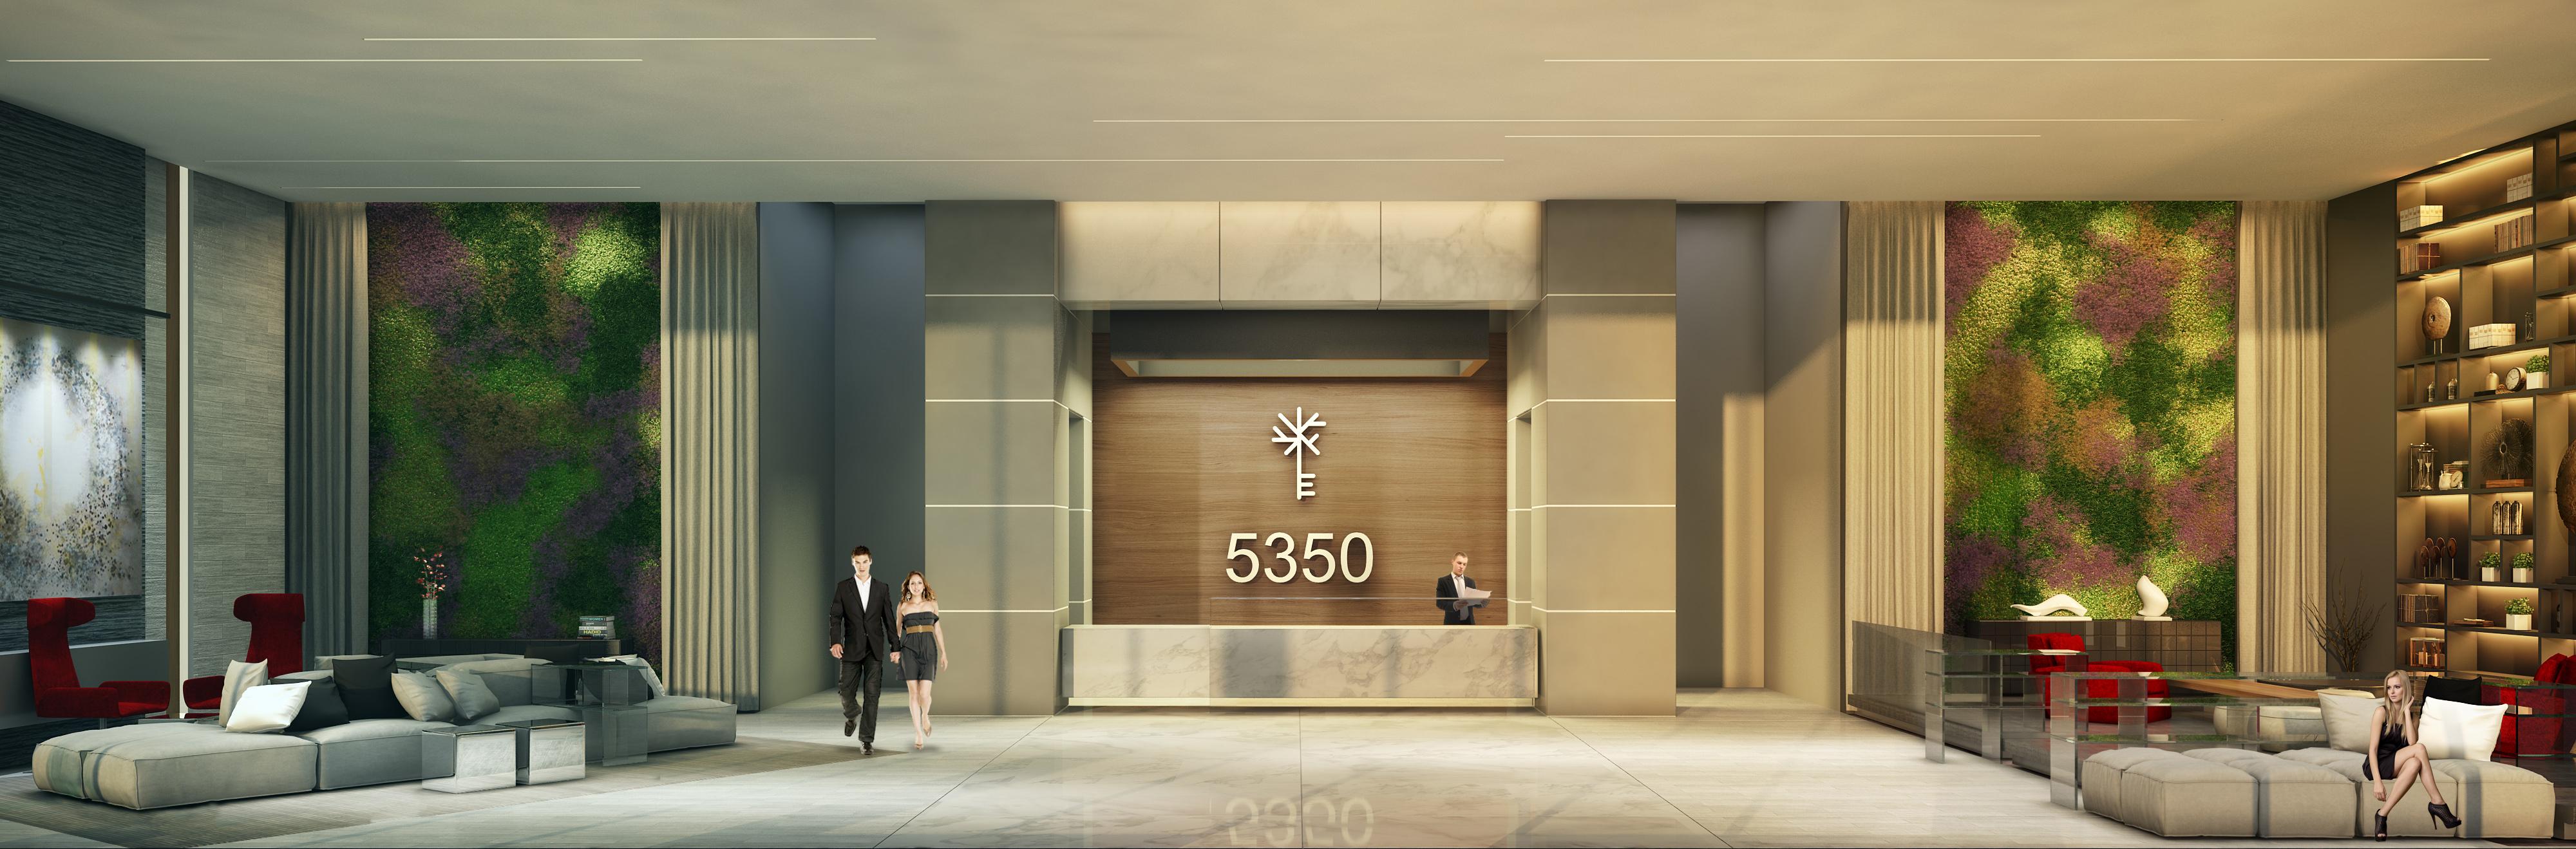 5350_Park-06-Lobby_VIEW2-03